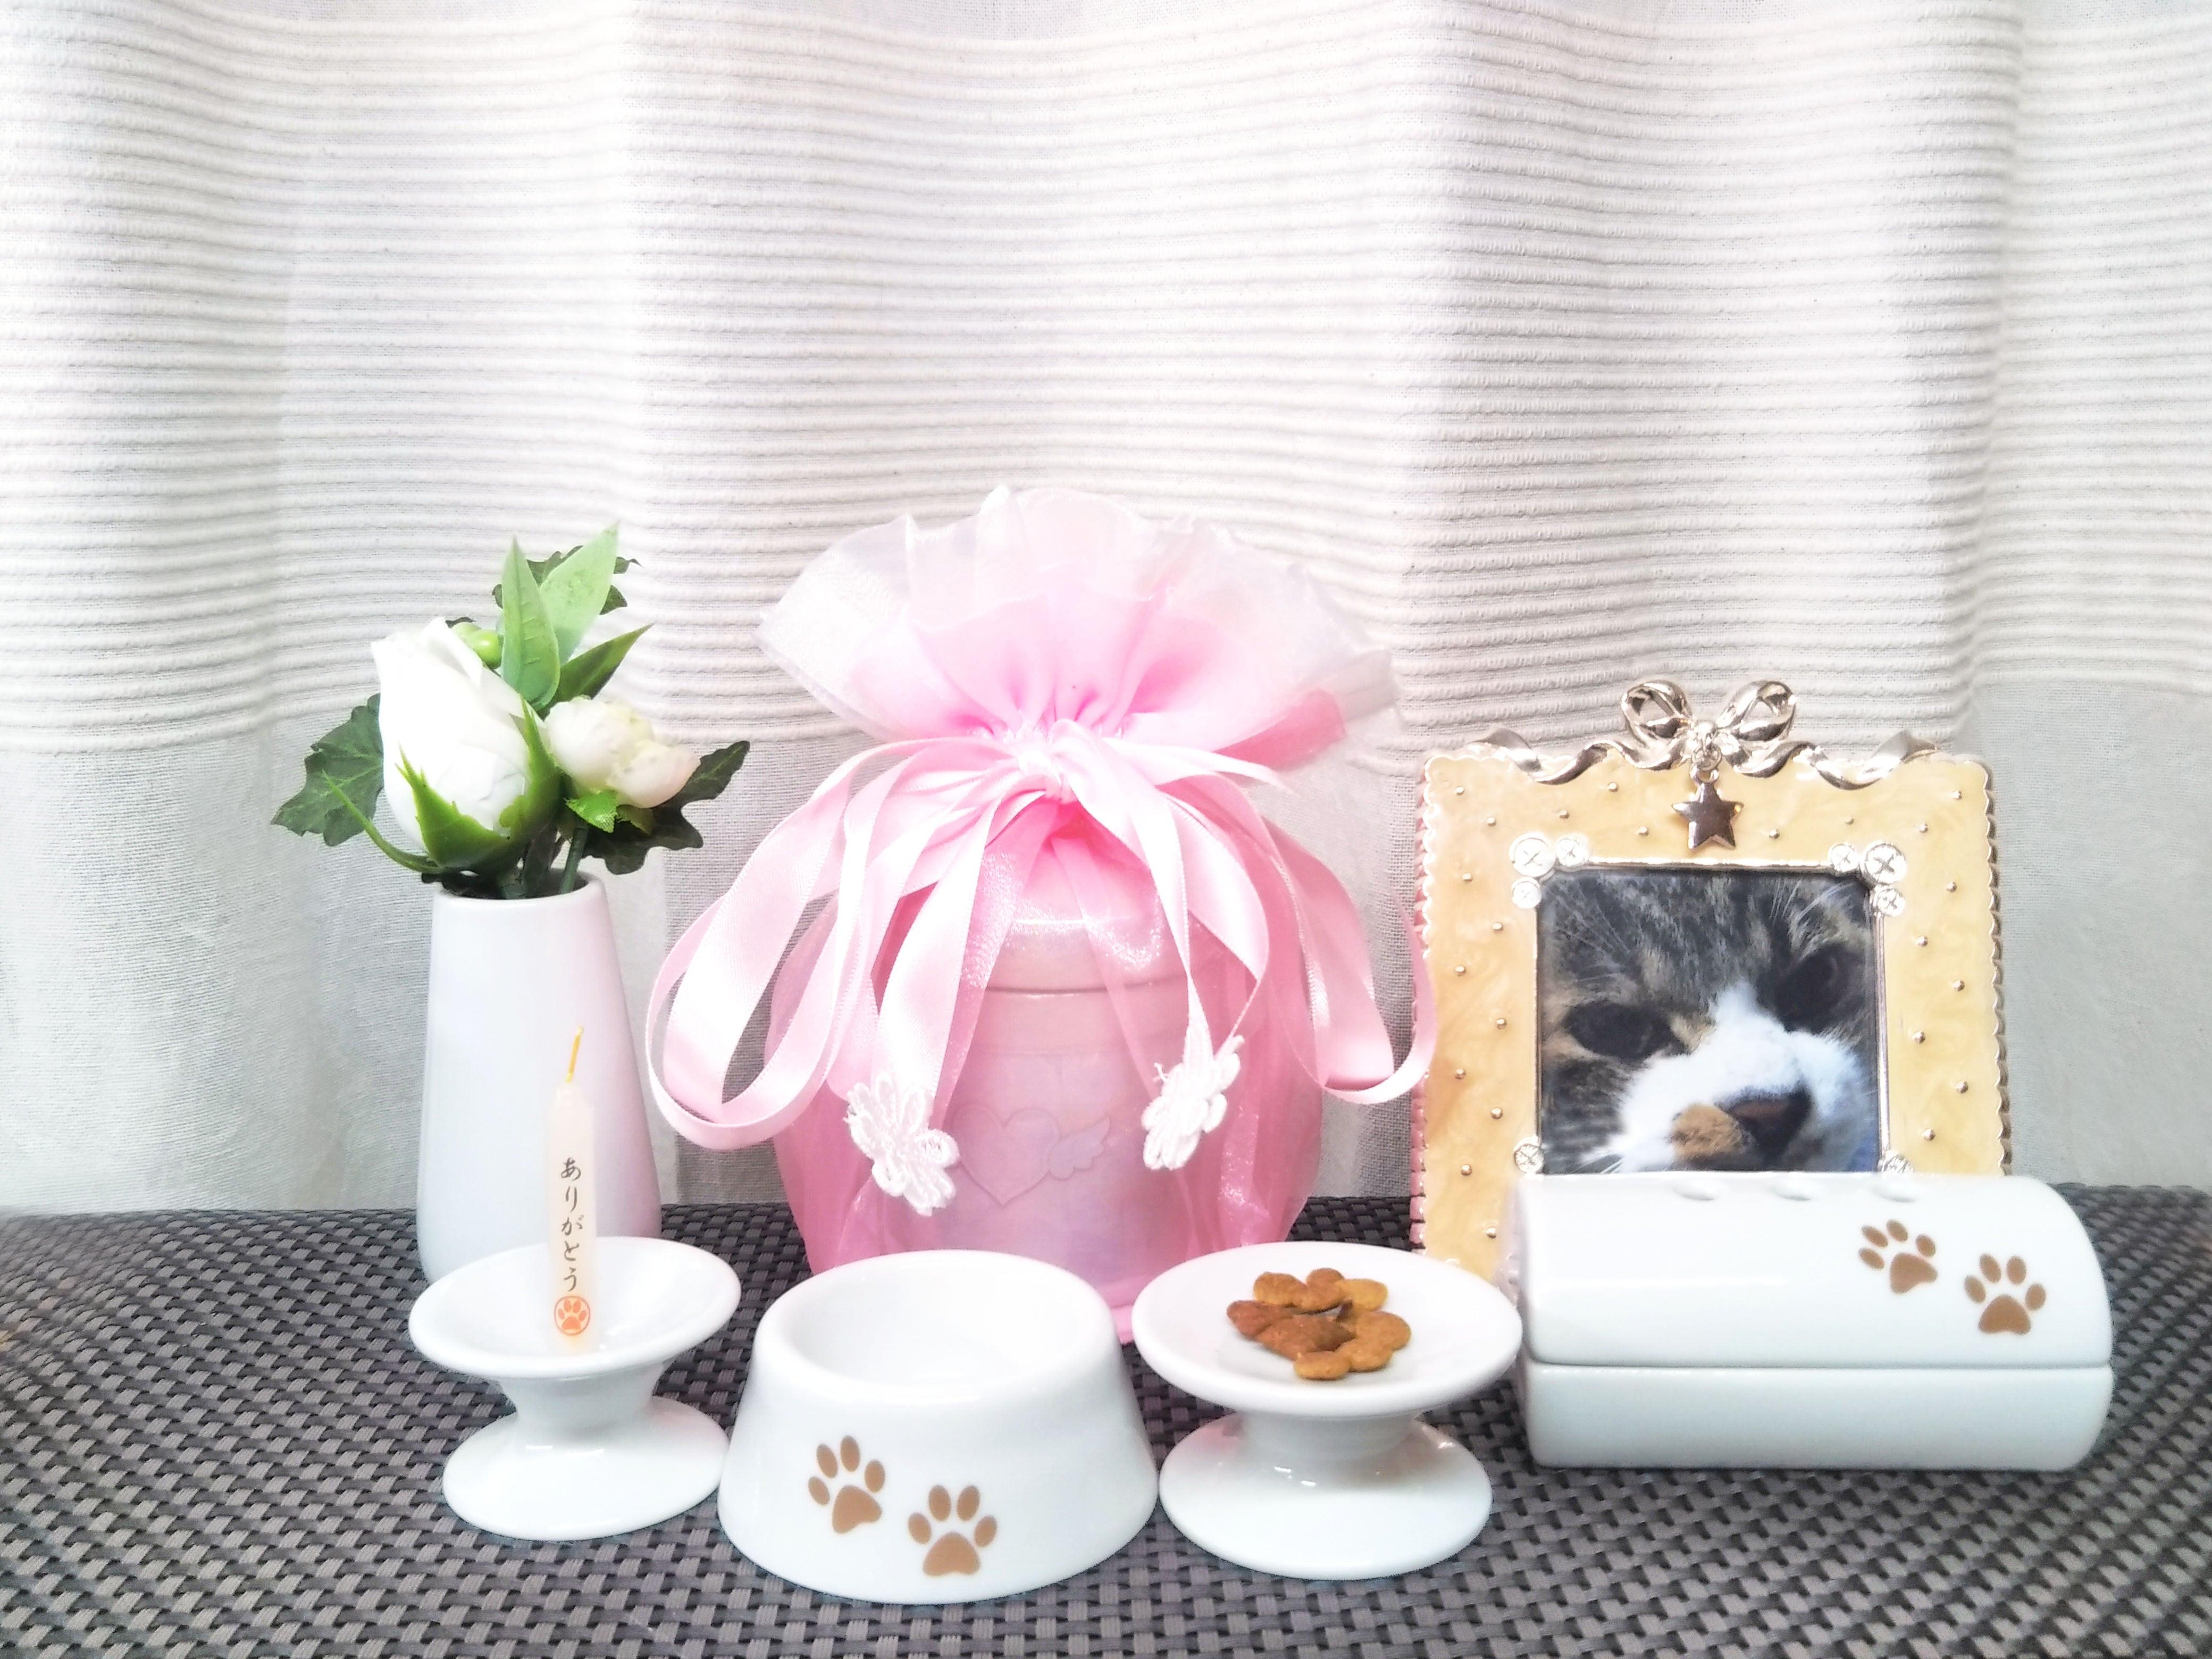 エンジェルセット(骨壺と外カバーセット) 【選べる3色】小動物・小型犬・猫サイズ 3・3.5・4寸用